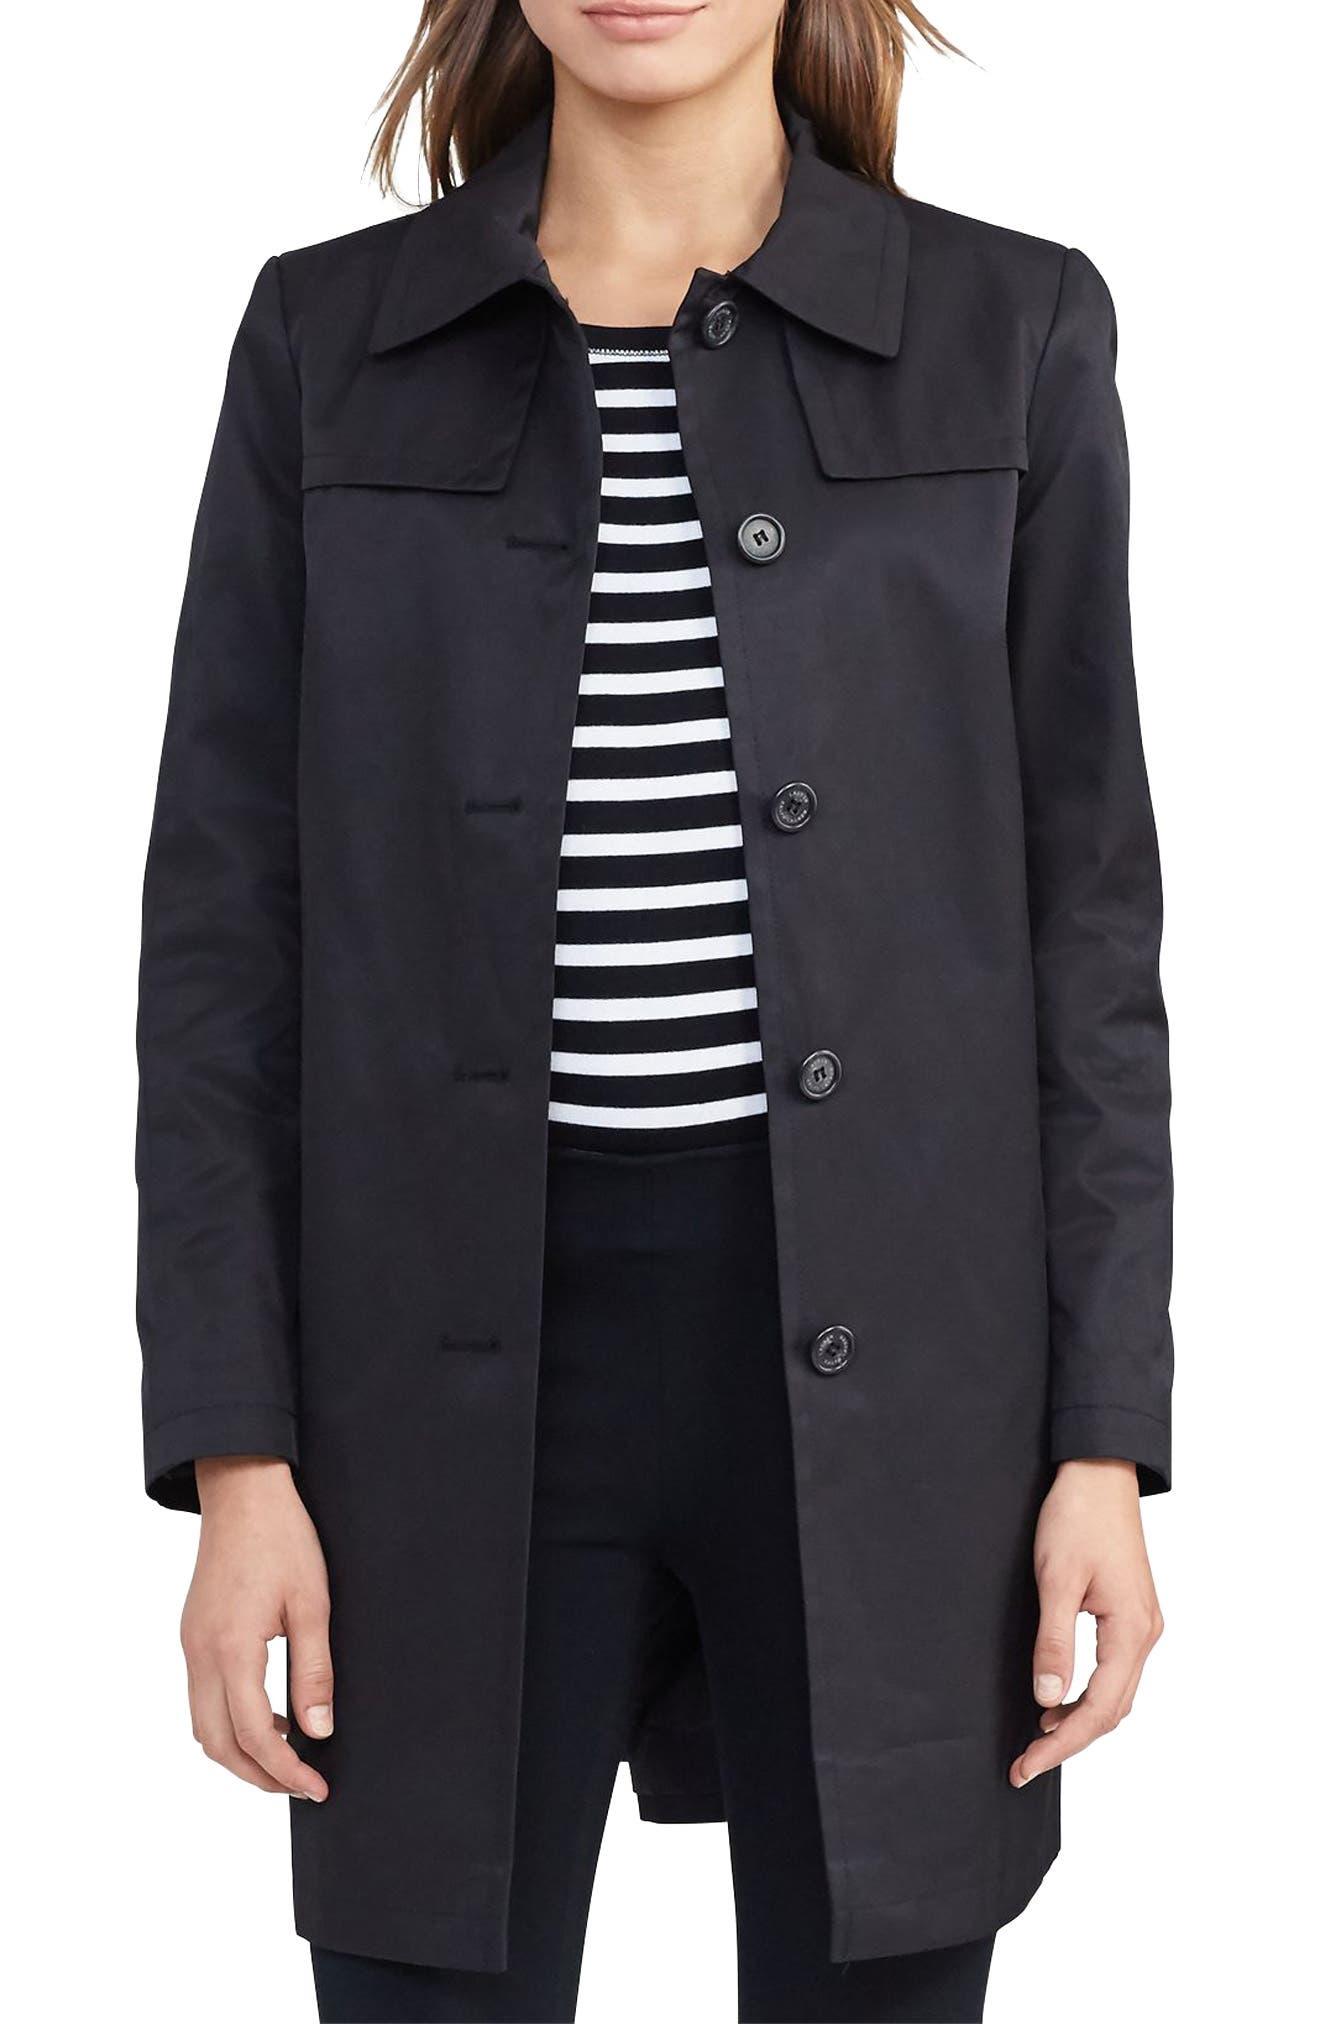 Alternate Image 1 Selected - Lauren Ralph Lauren Cotton Blend Trench Coat